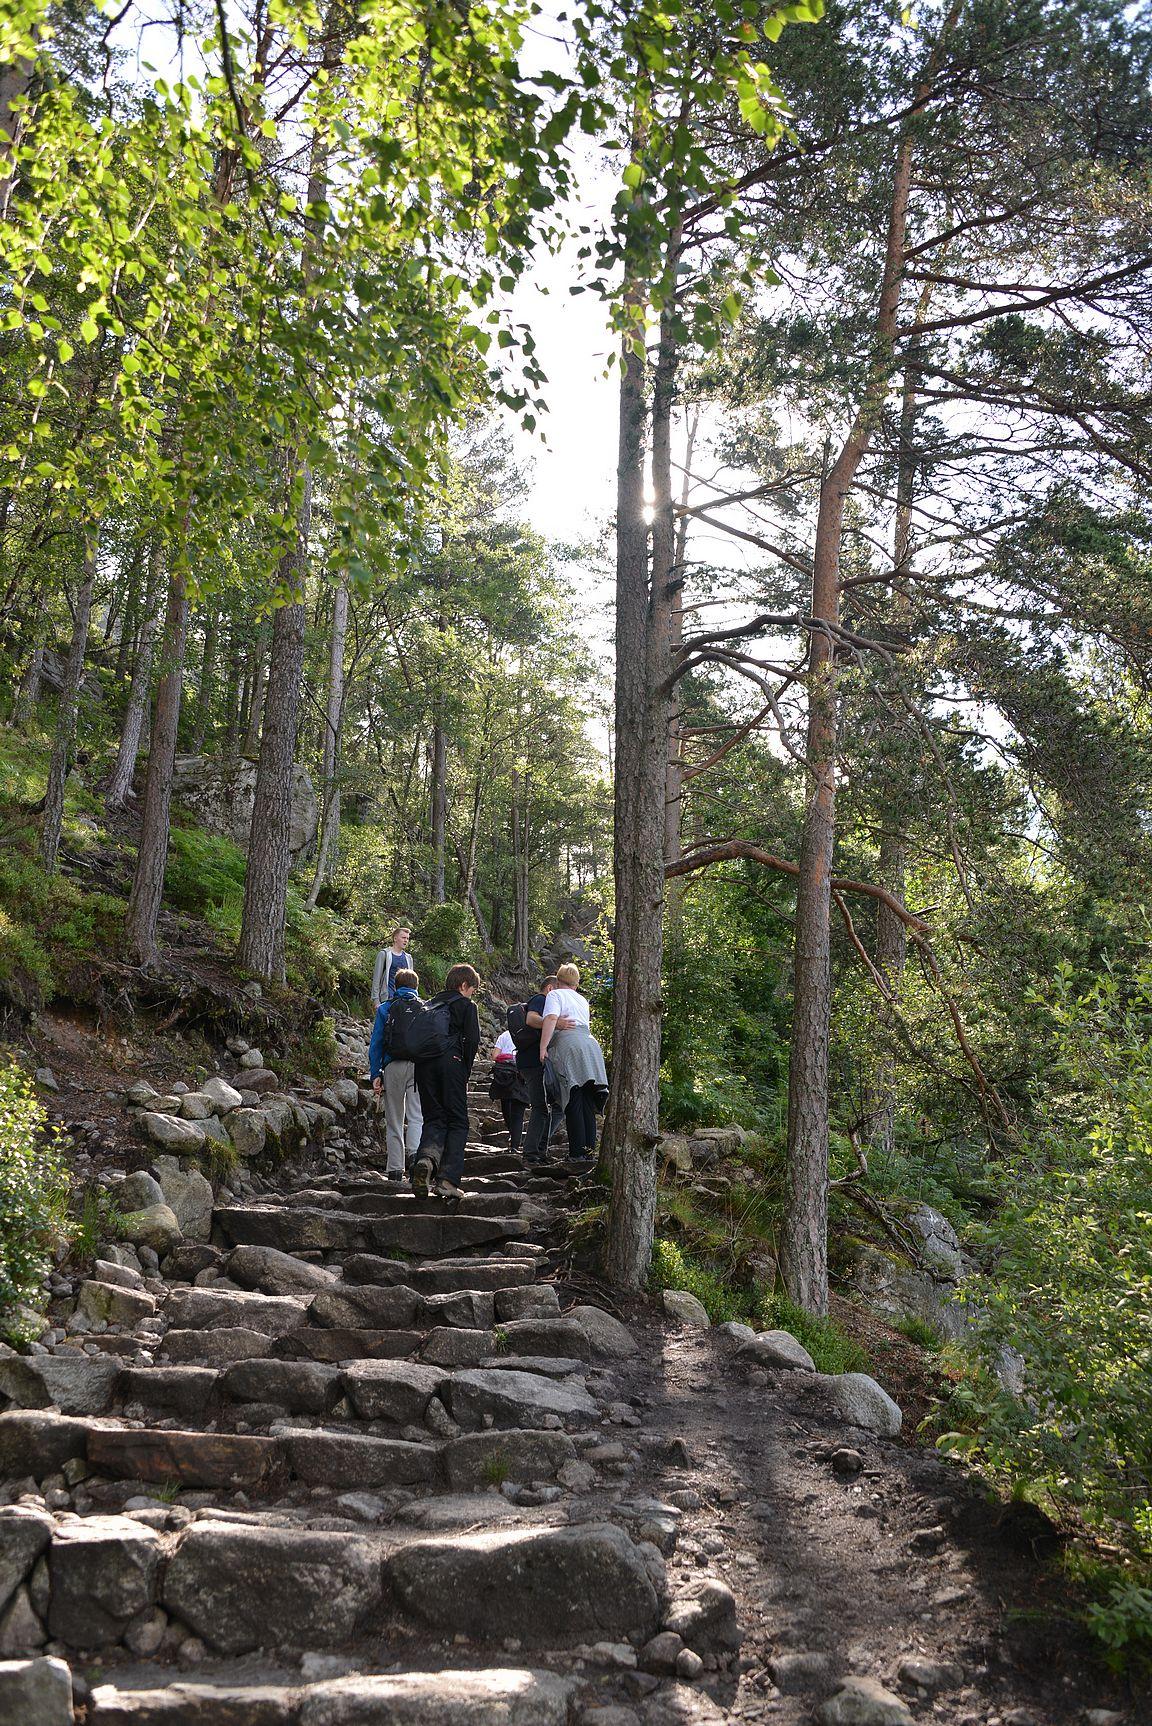 Alkuun otettiin heti luulot pois ja lähdettiin puiden välissä pystysuoraan ylöspäin.